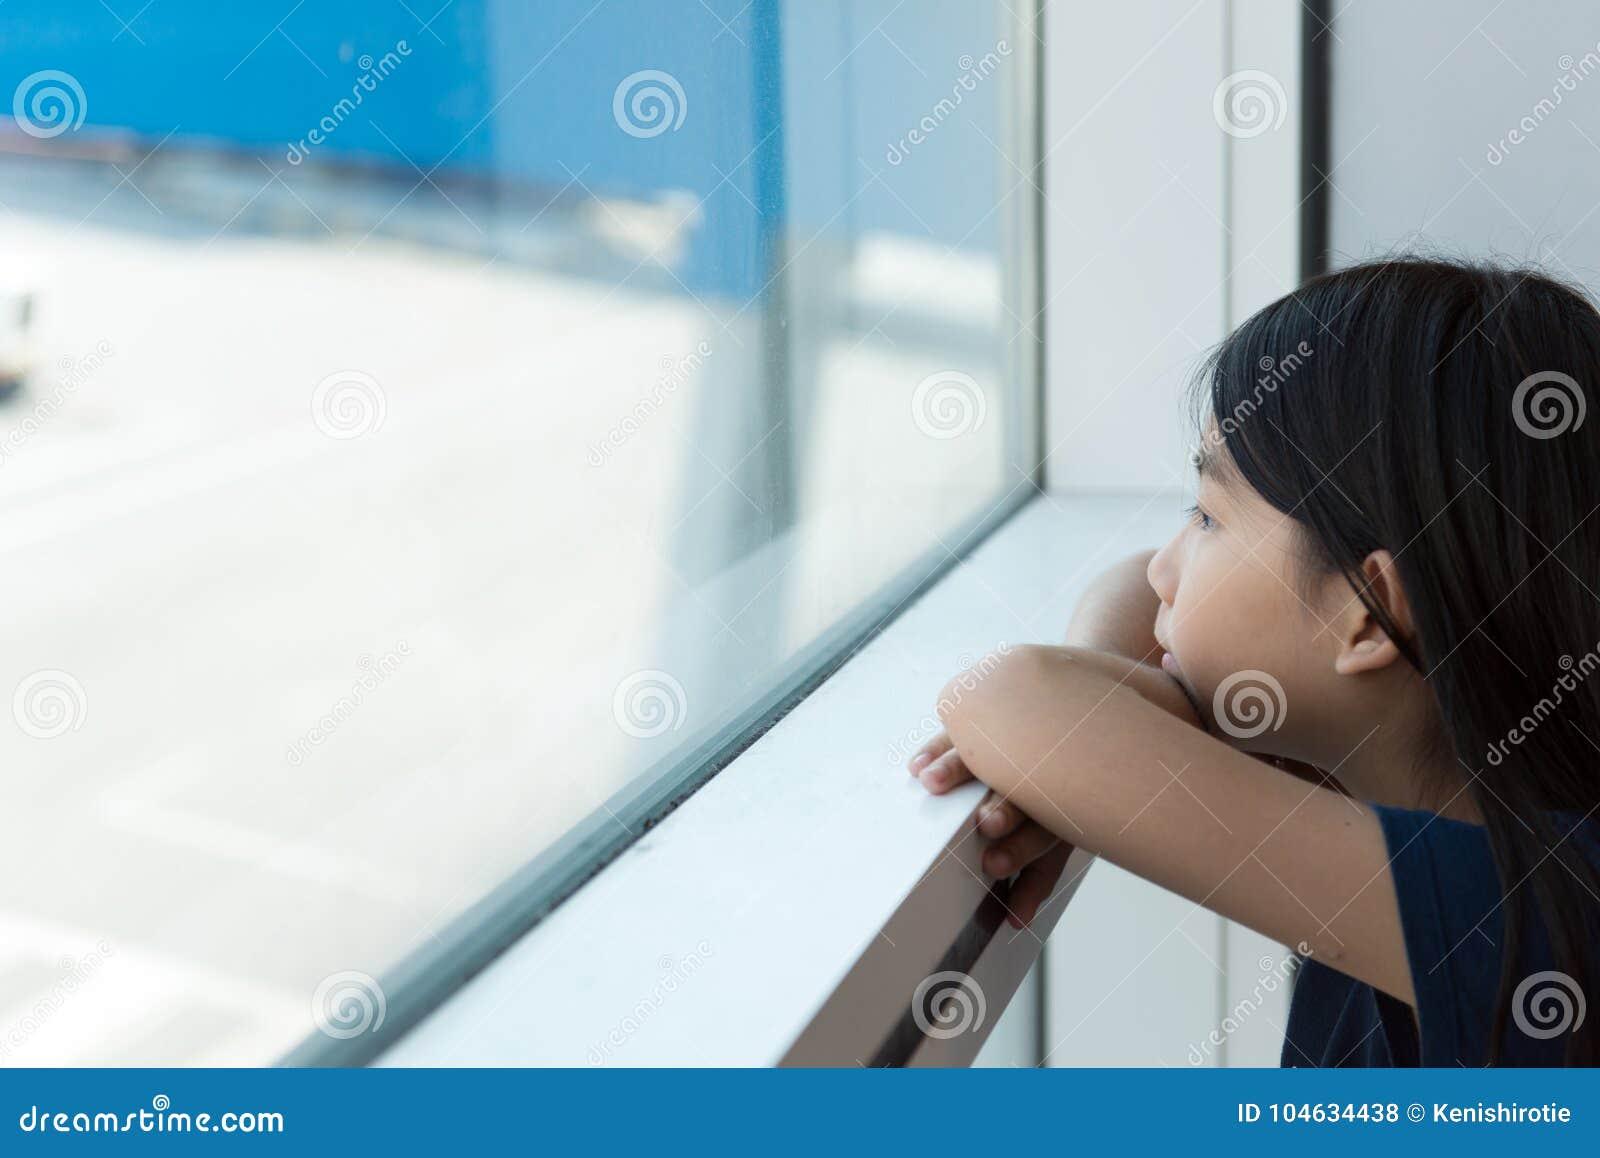 Download Aziatische Tiener Bij Luchthavenzitkamer Stock Foto - Afbeelding bestaande uit toddler, wishing: 104634438